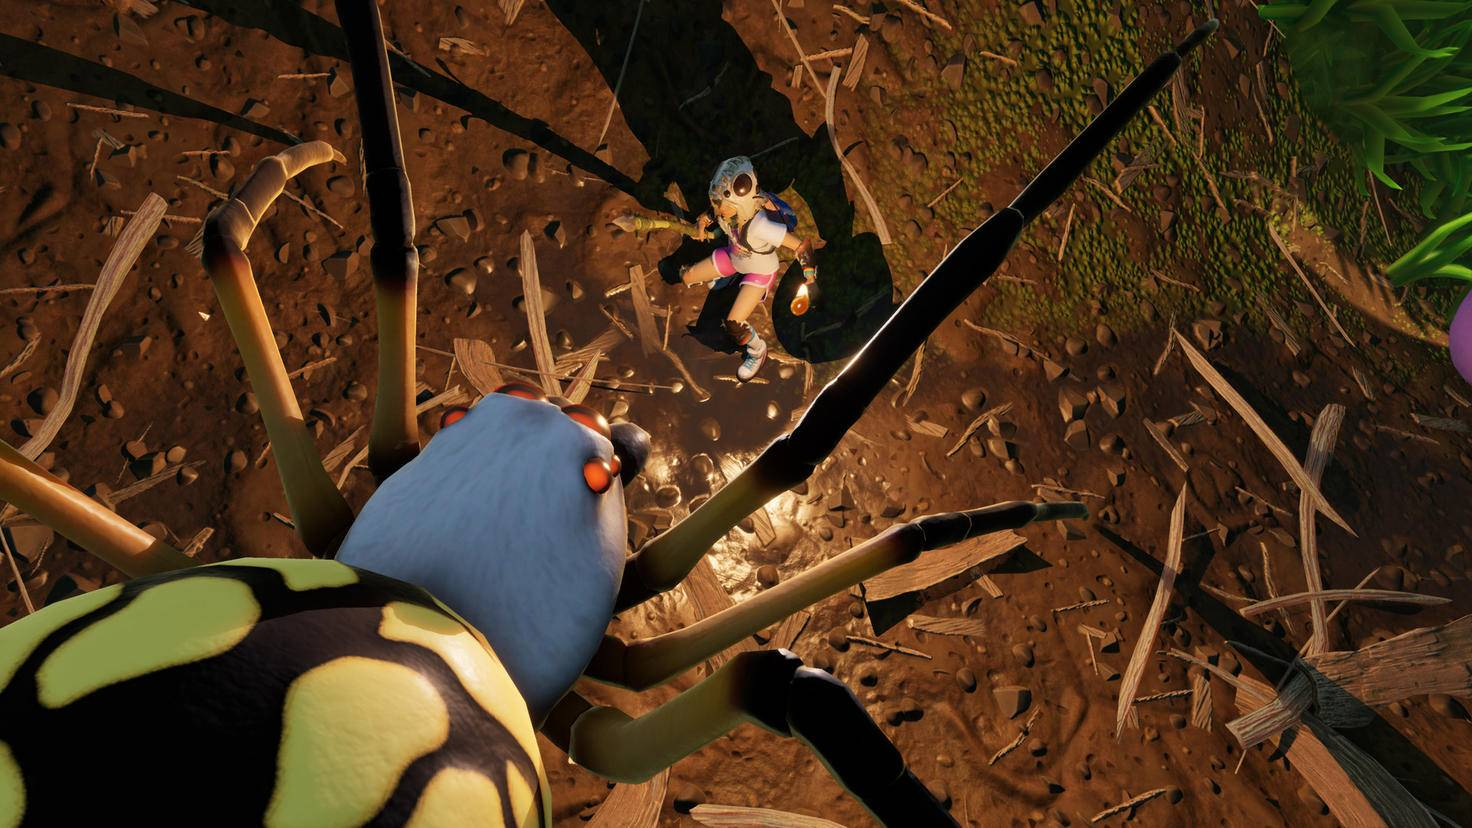 Spinnen machen nichts als Ärger. Baue nicht in der Nähe ihrer Höhlen!